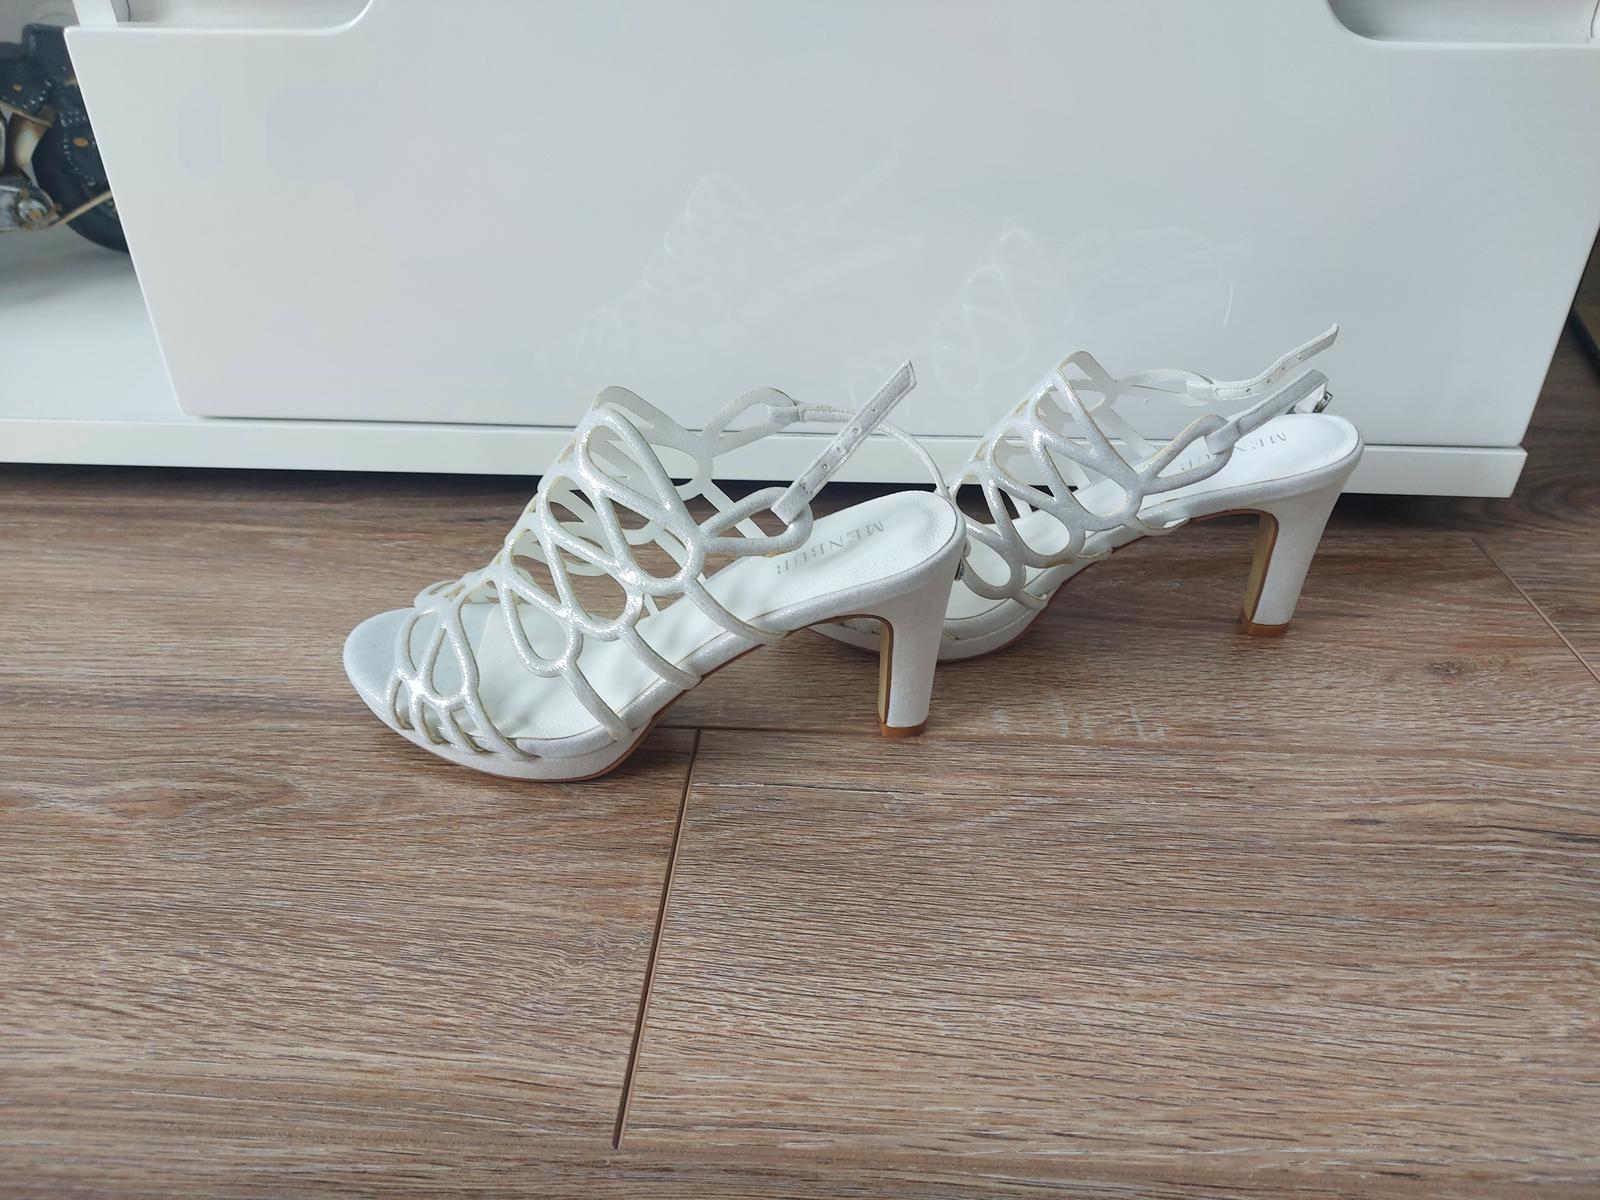 dámske sandále menbur - Obrázok č. 1